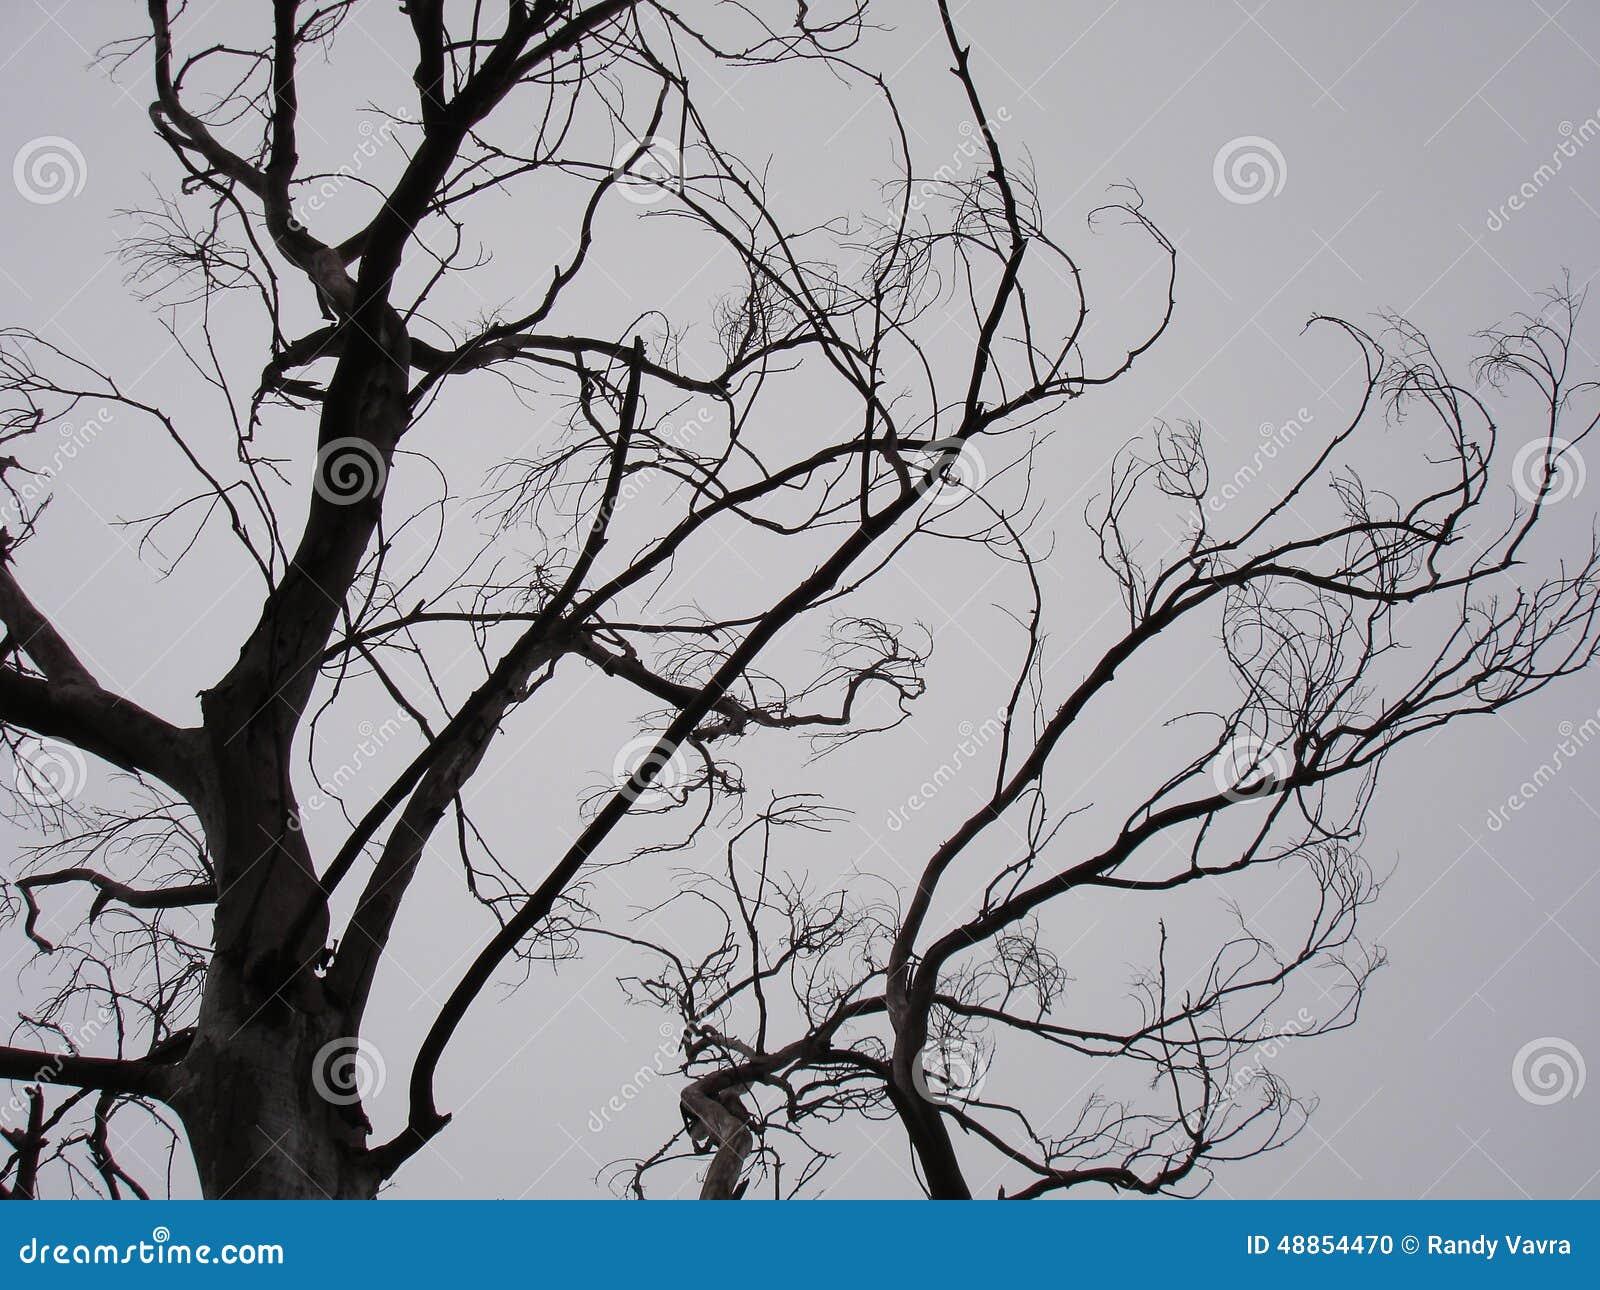 California Black Oak  ...